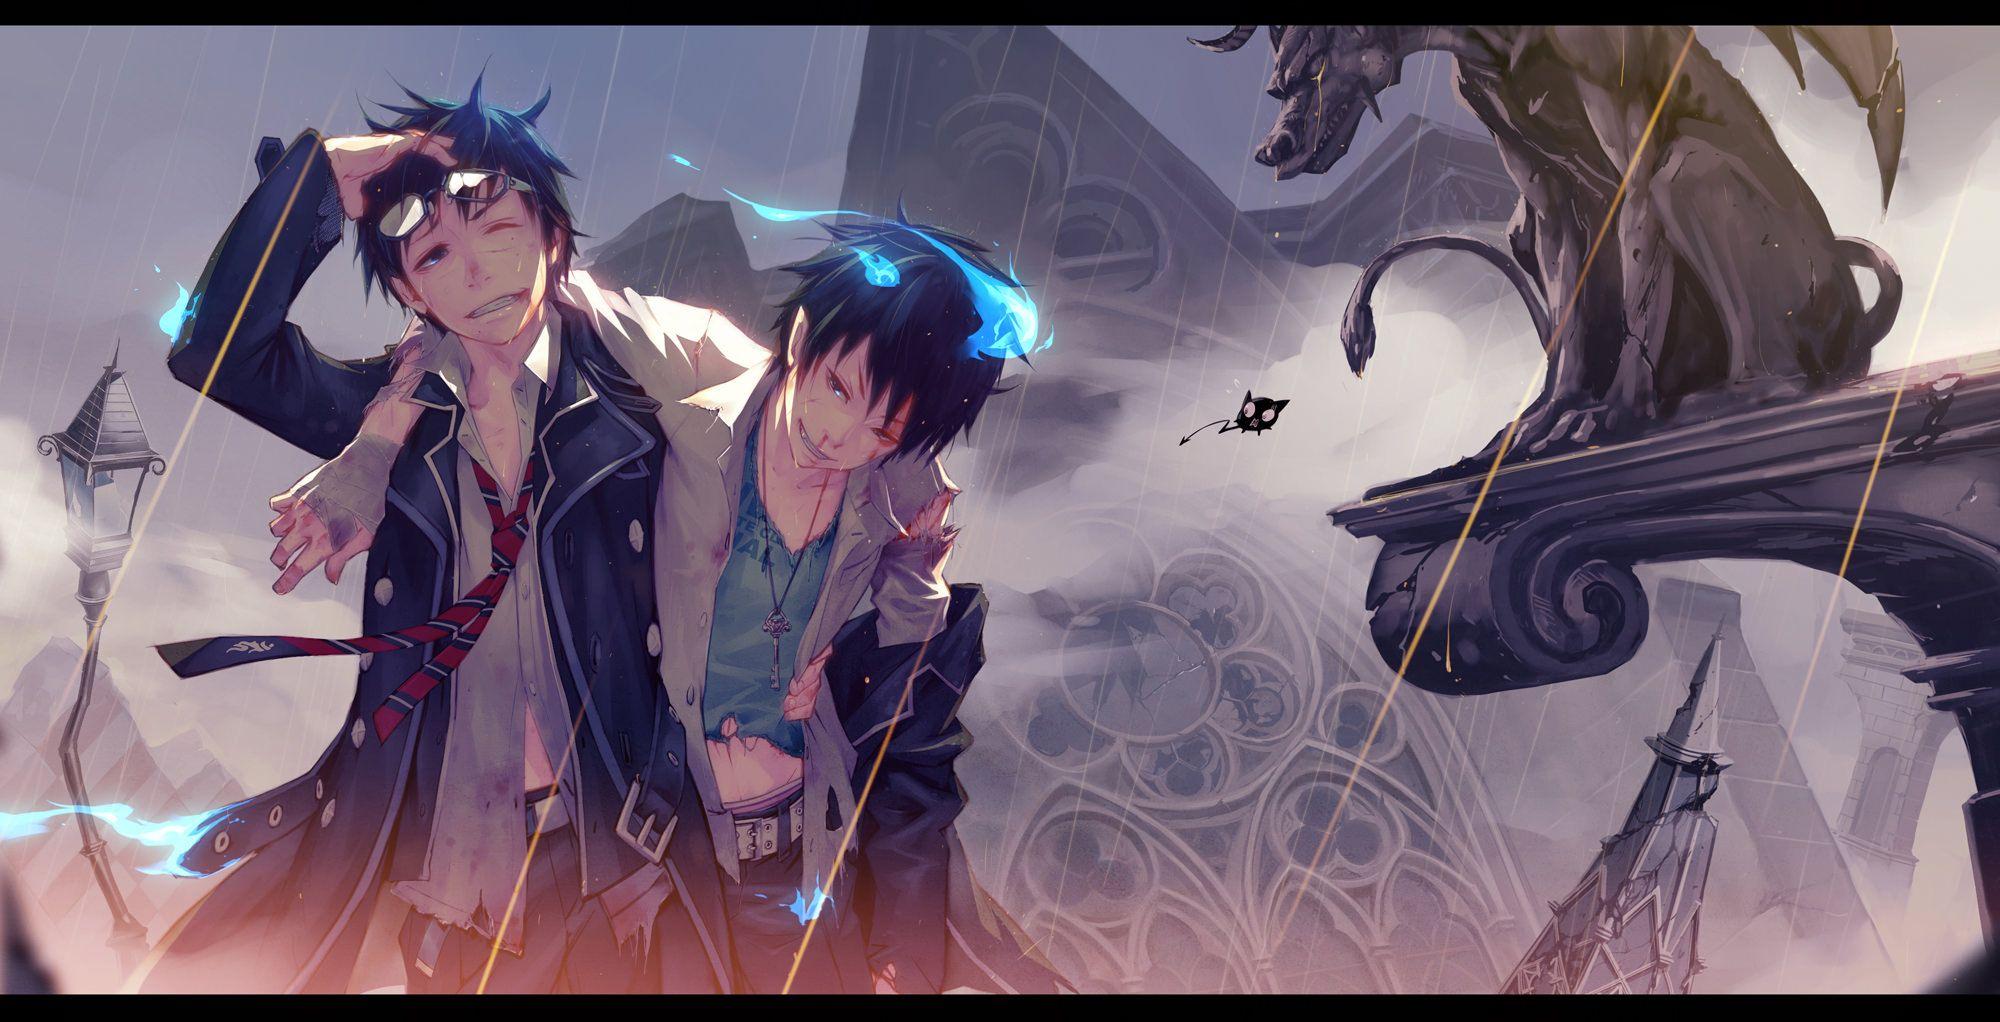 Nightcore Brother Lyrics Blue Exorcist Anime Blue Exorcist Anime 1920x1080